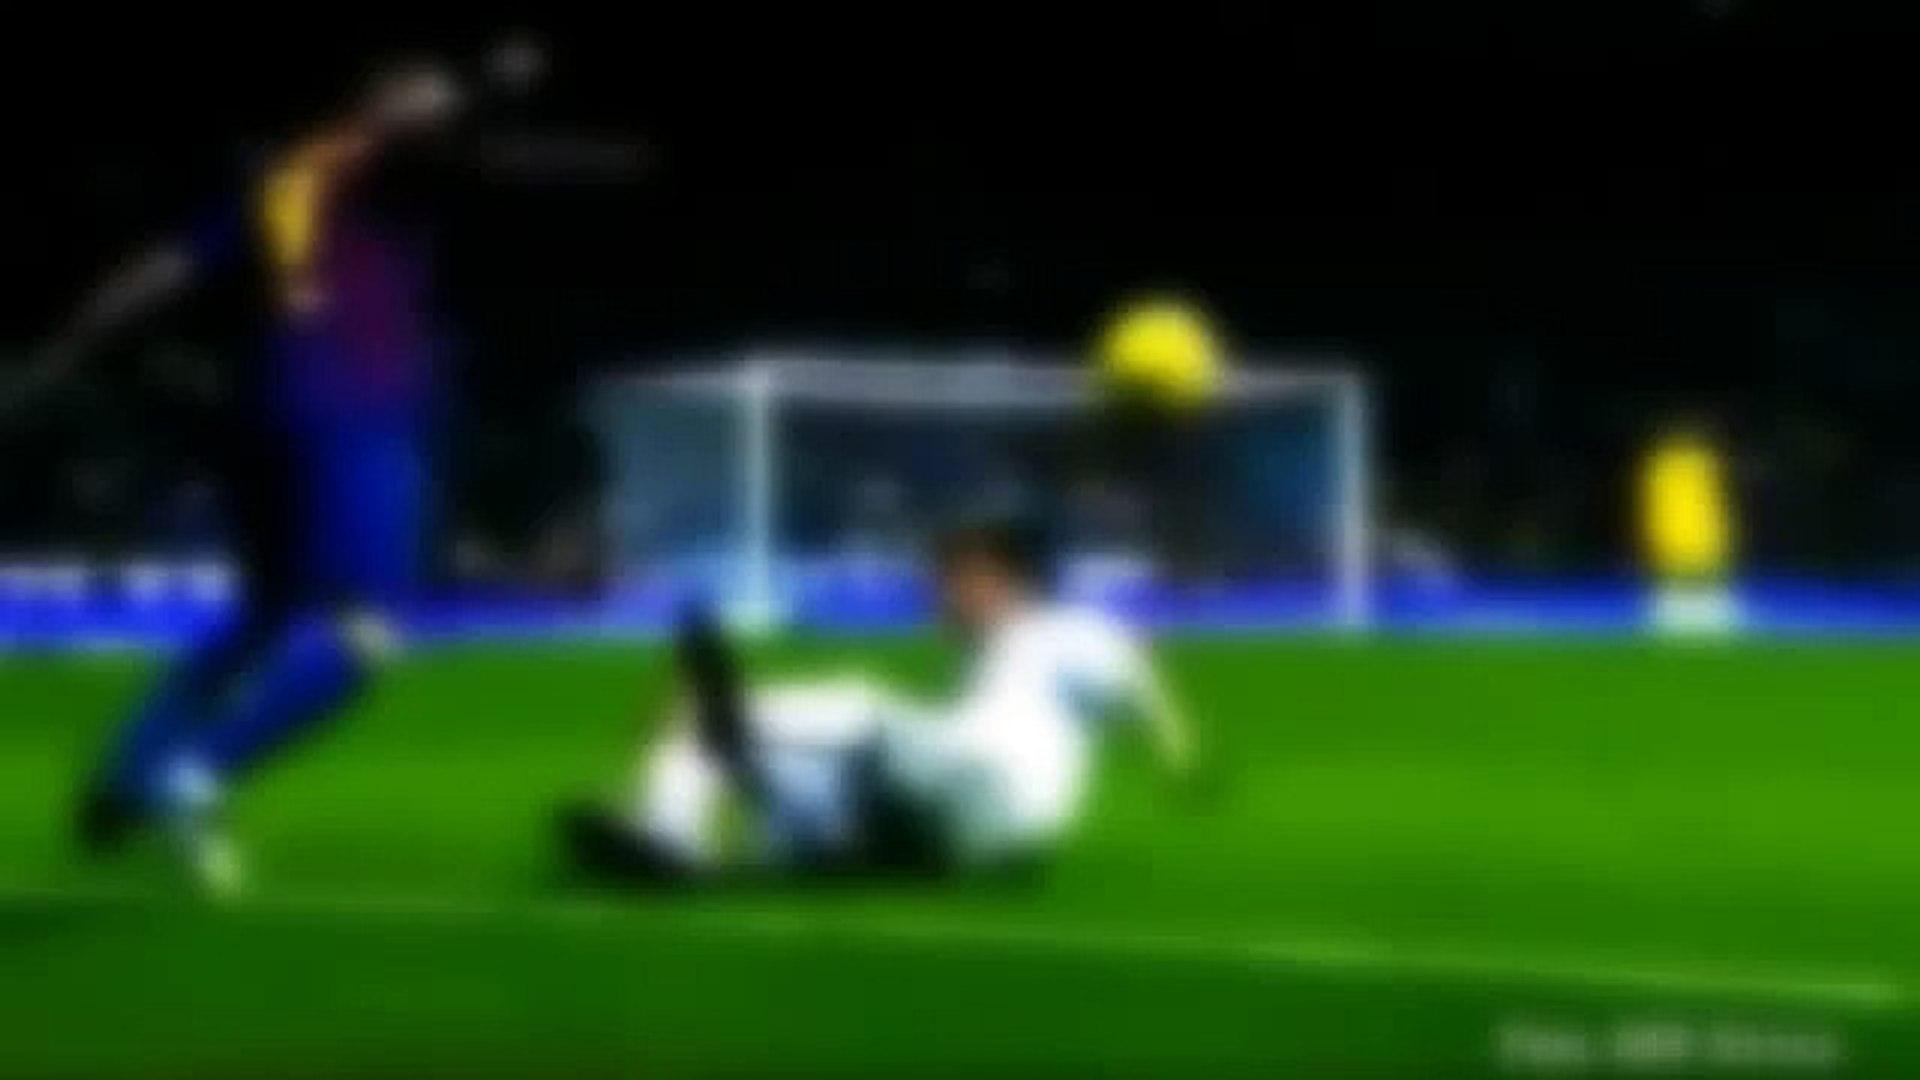 Highlights - Vasas v NK osijek - all goals & highlights [friendly] 2015 - highlights-LIVE